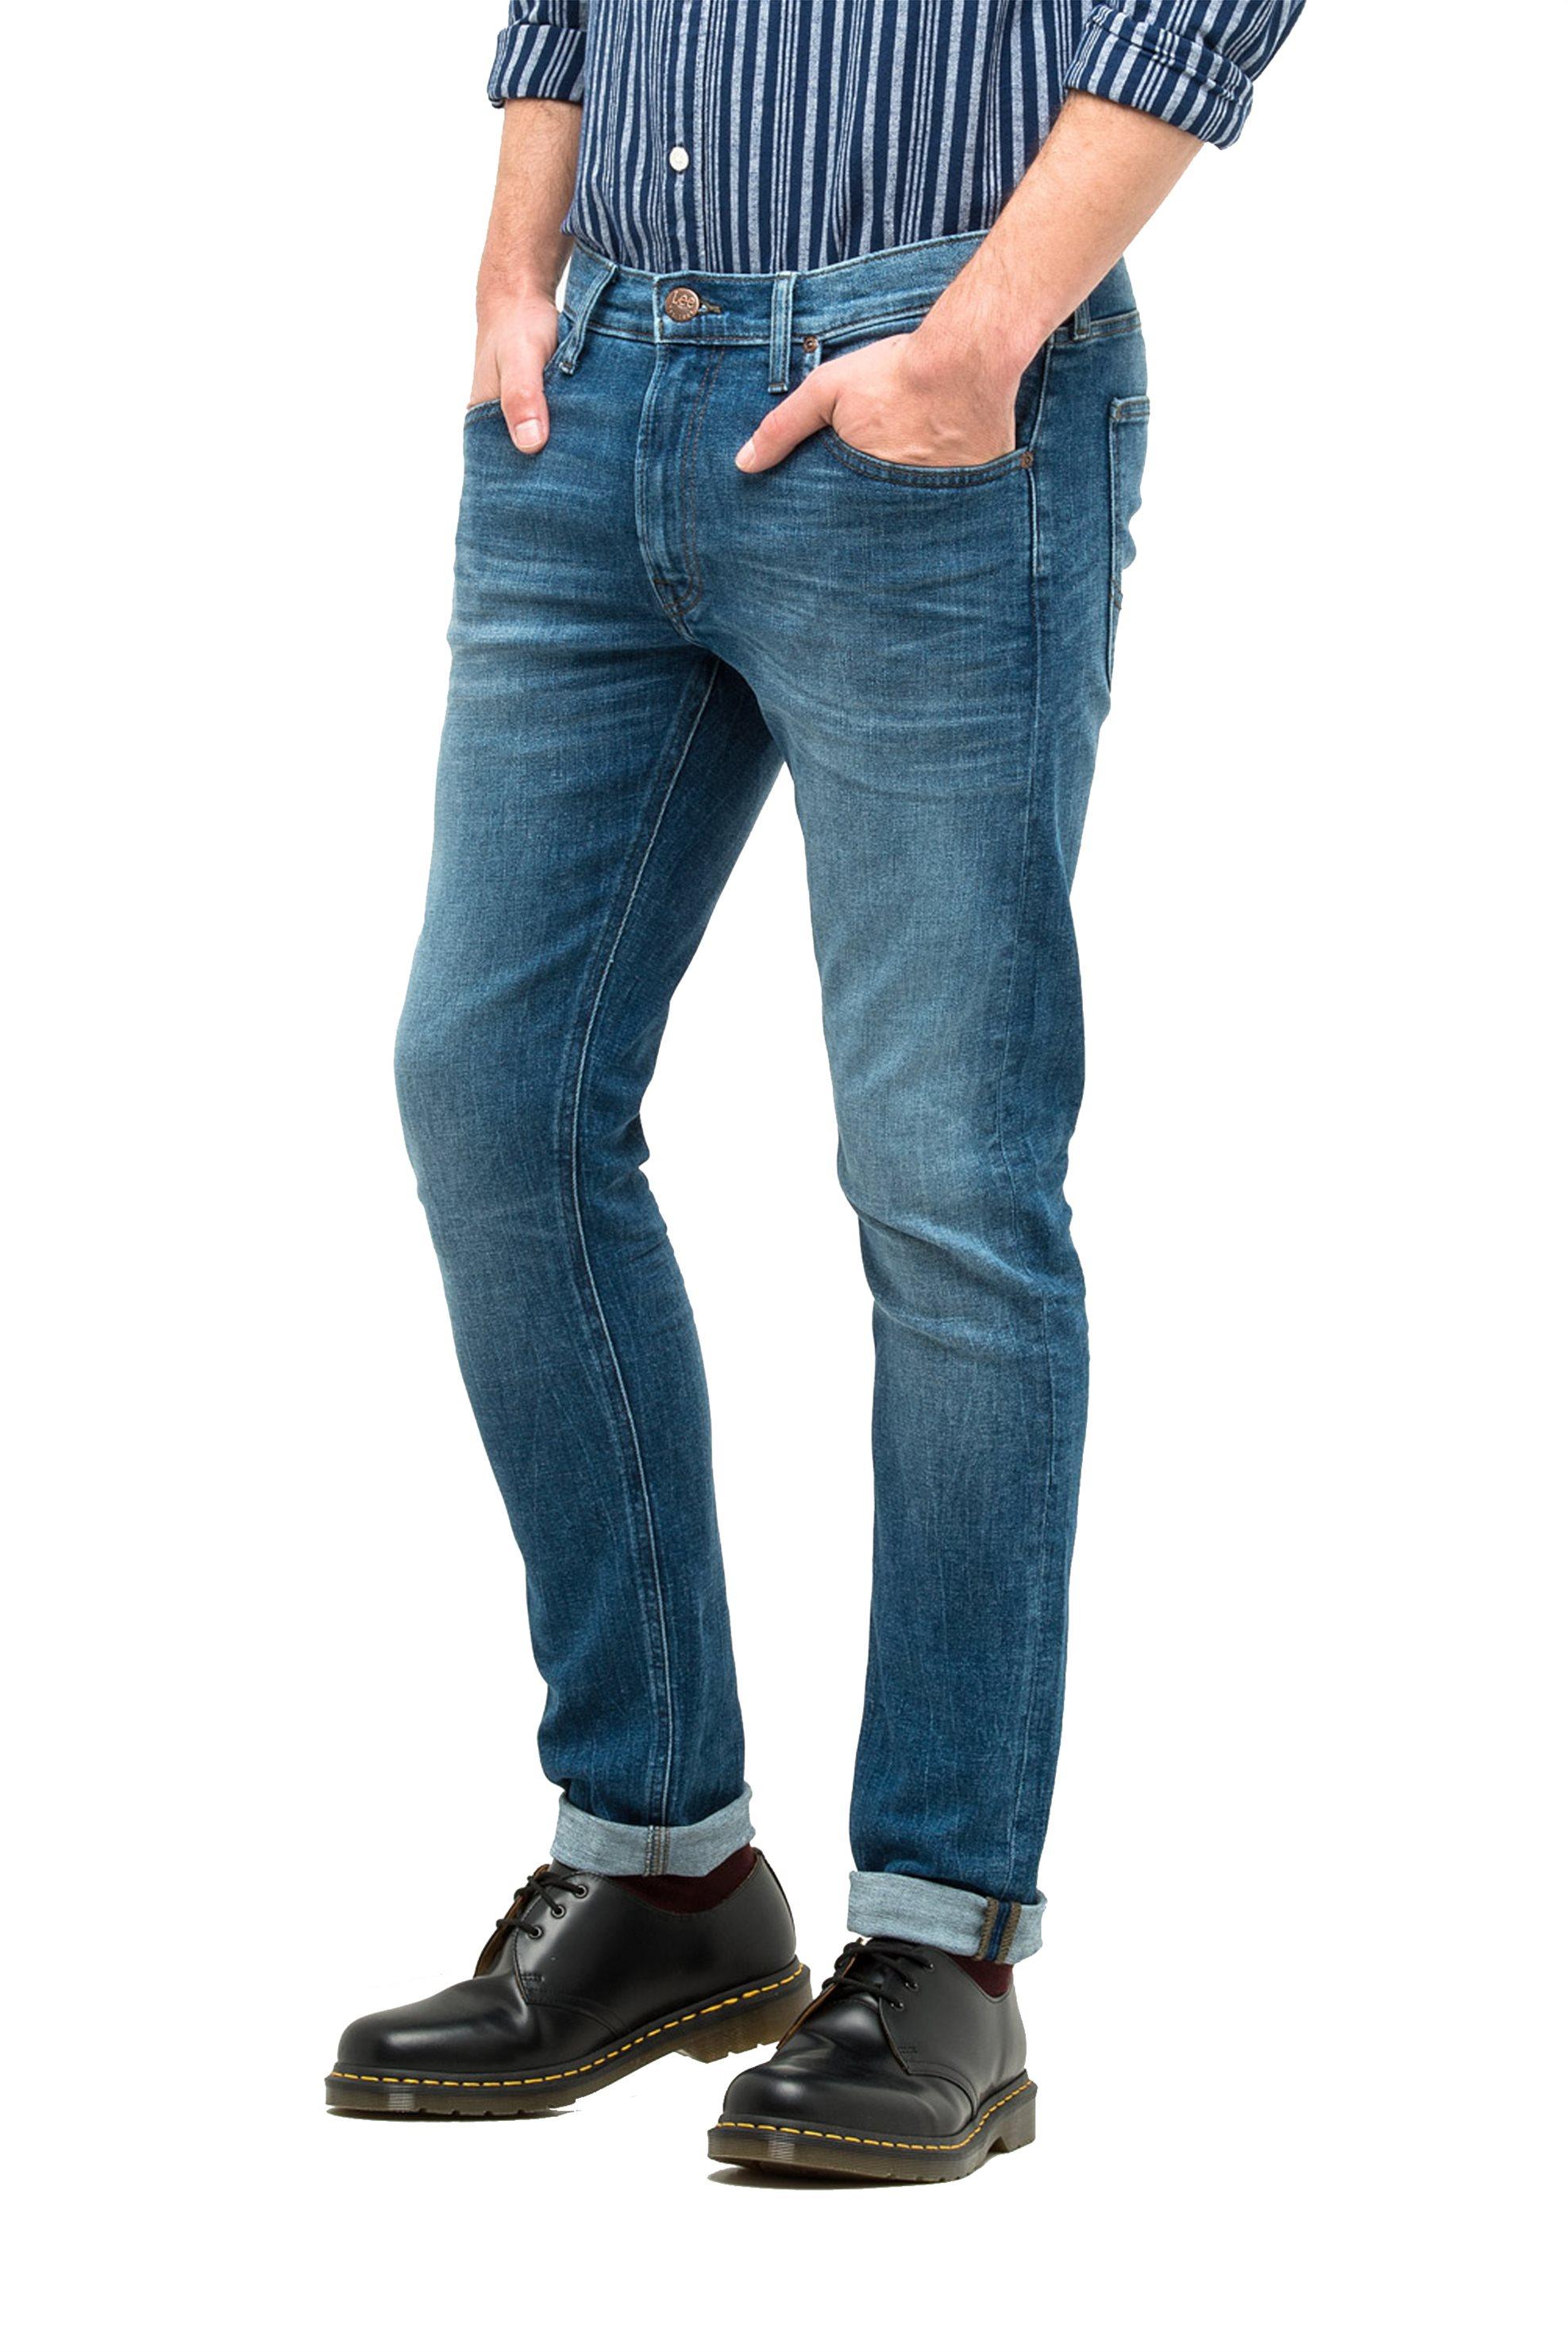 Ανδρικό παντελόνι τζην Luke slim tapered Lee - L719ROIG - Μπλε ανδρασ   ρουχα   jeans   slim   tapered